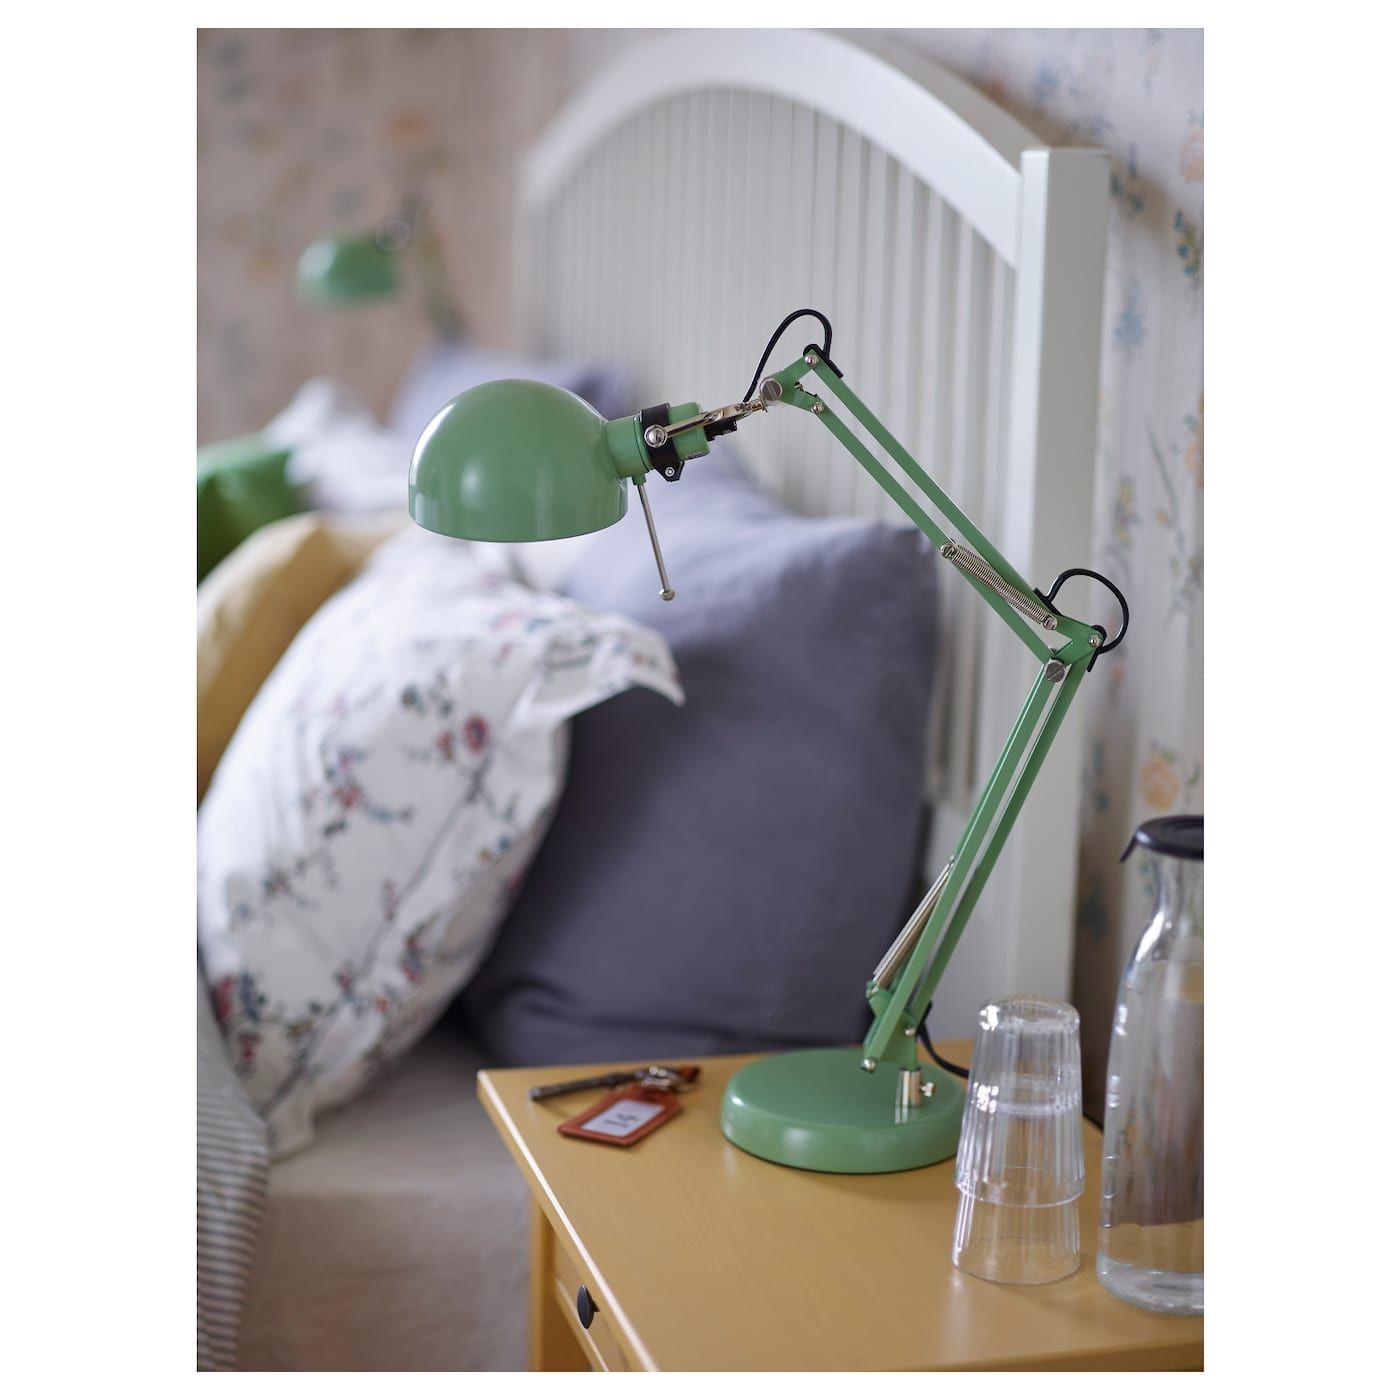 IKEA - FORSÅ Work lamp green | Lamp, Work lamp, Desk lamp